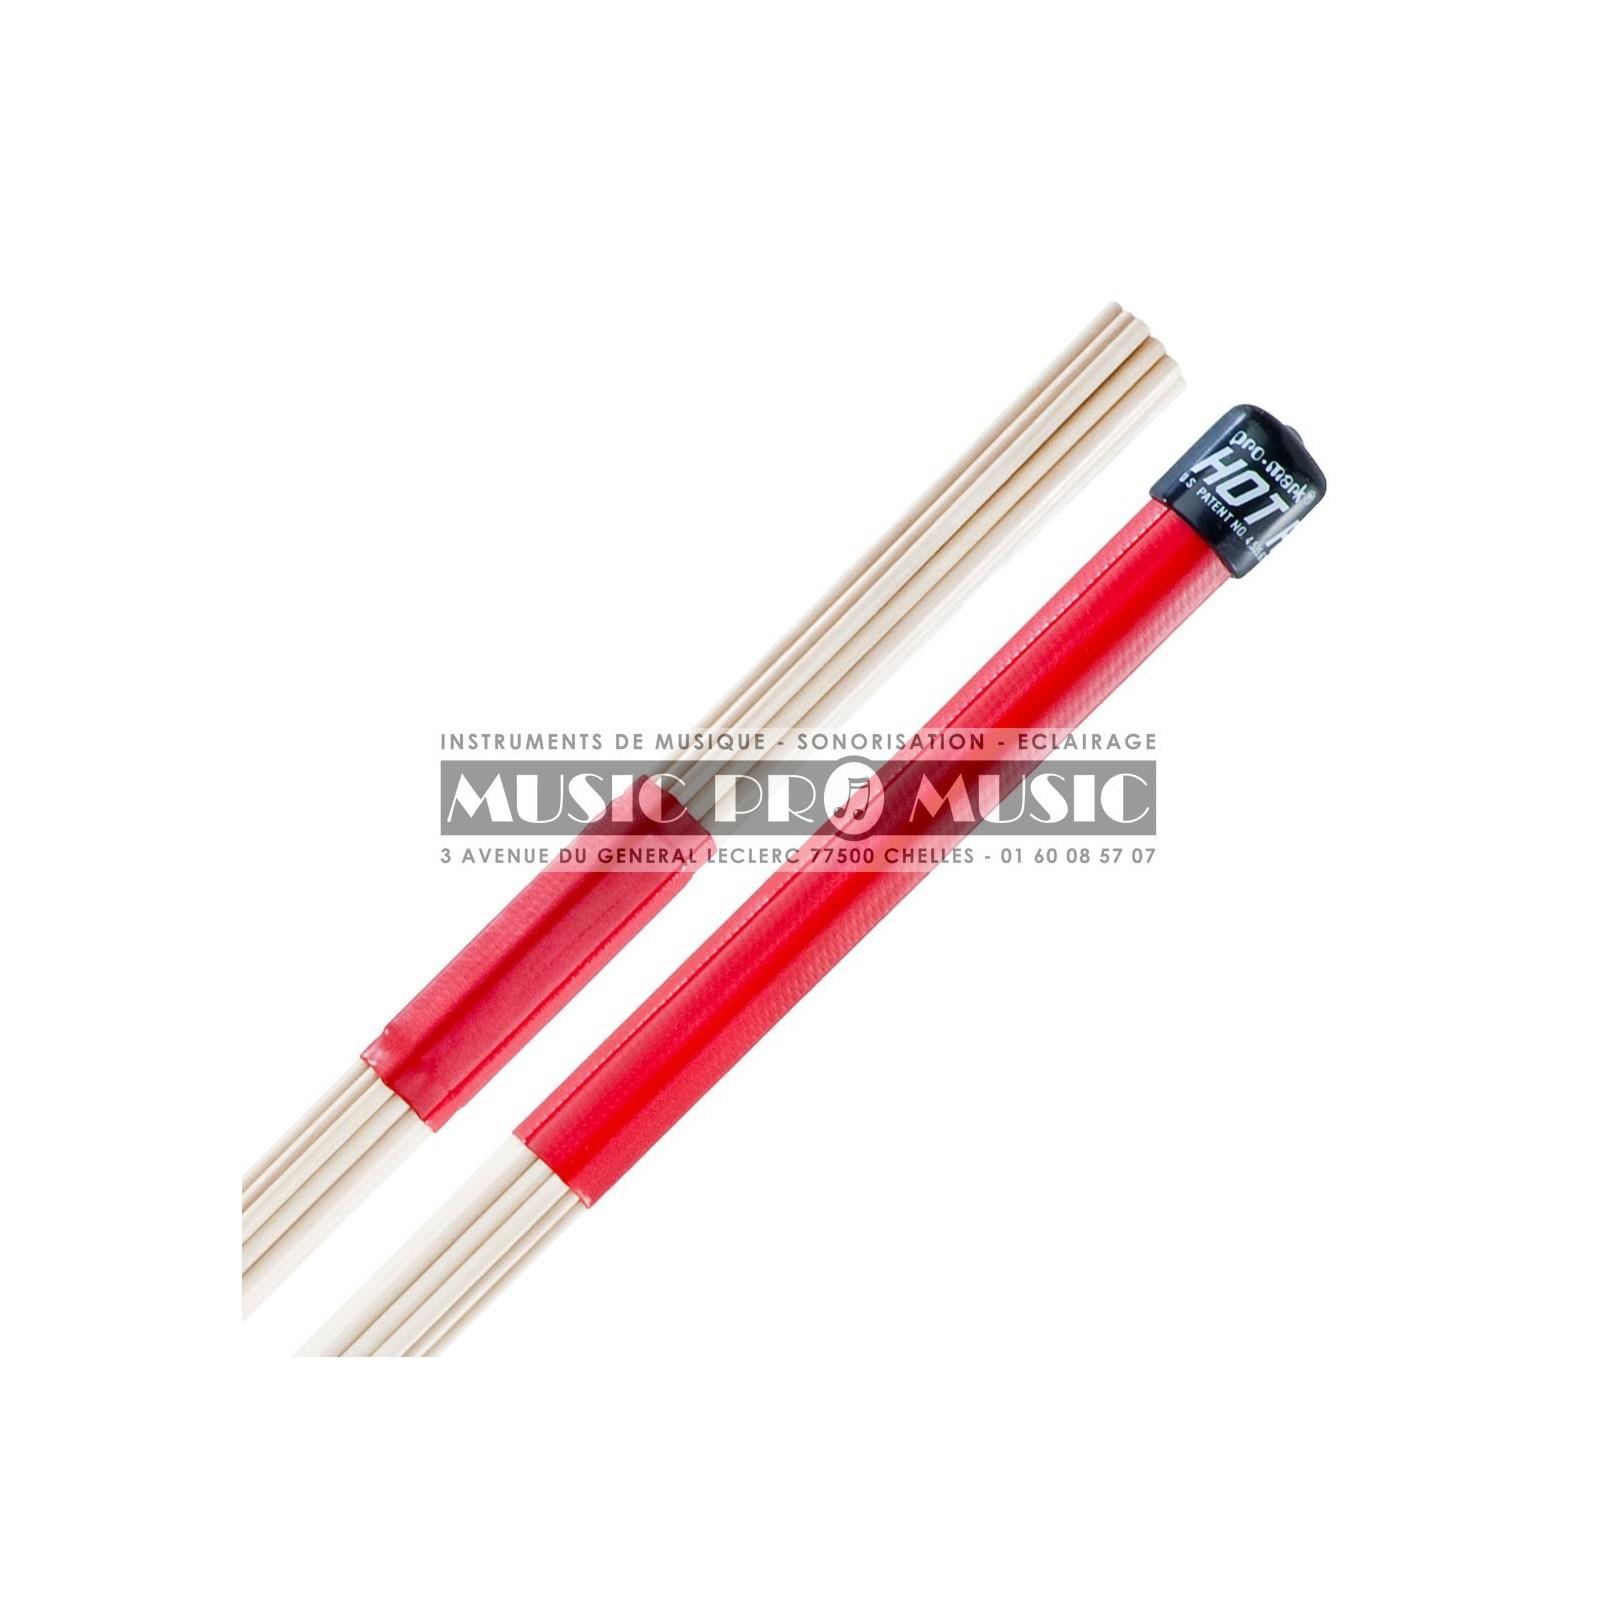 promark hot rods rods sticks. Black Bedroom Furniture Sets. Home Design Ideas